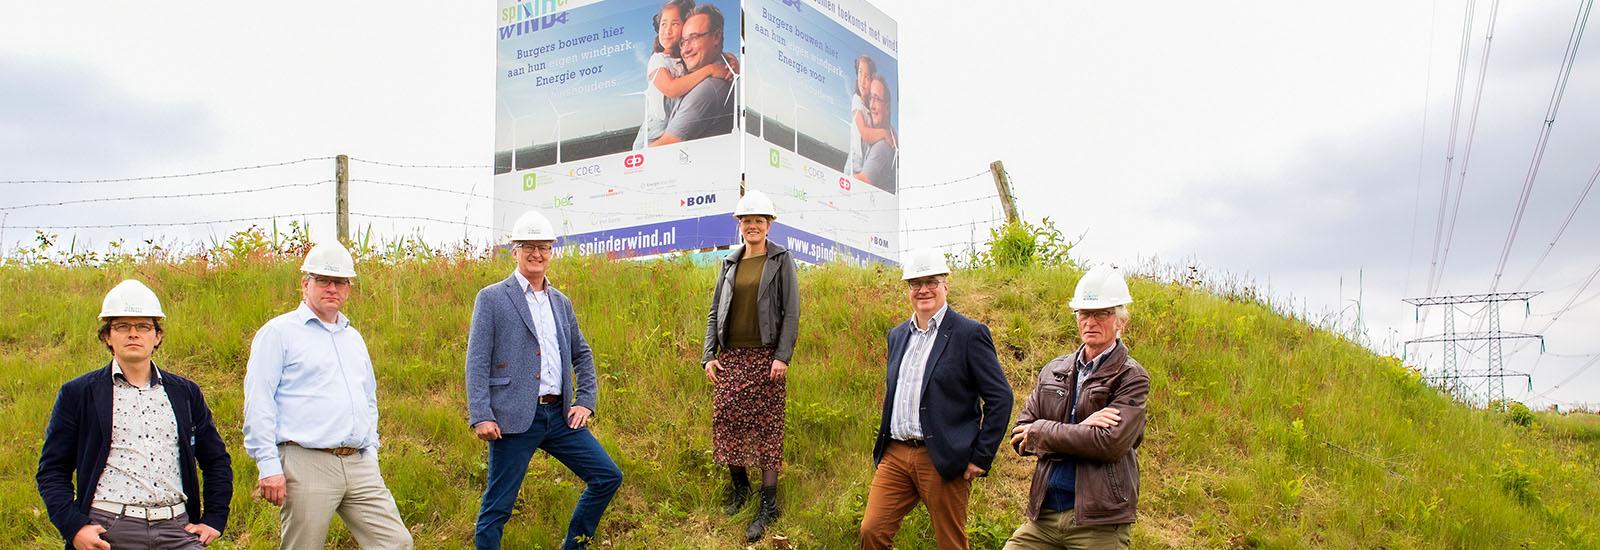 Spinderwind DEC-Oisterwijk